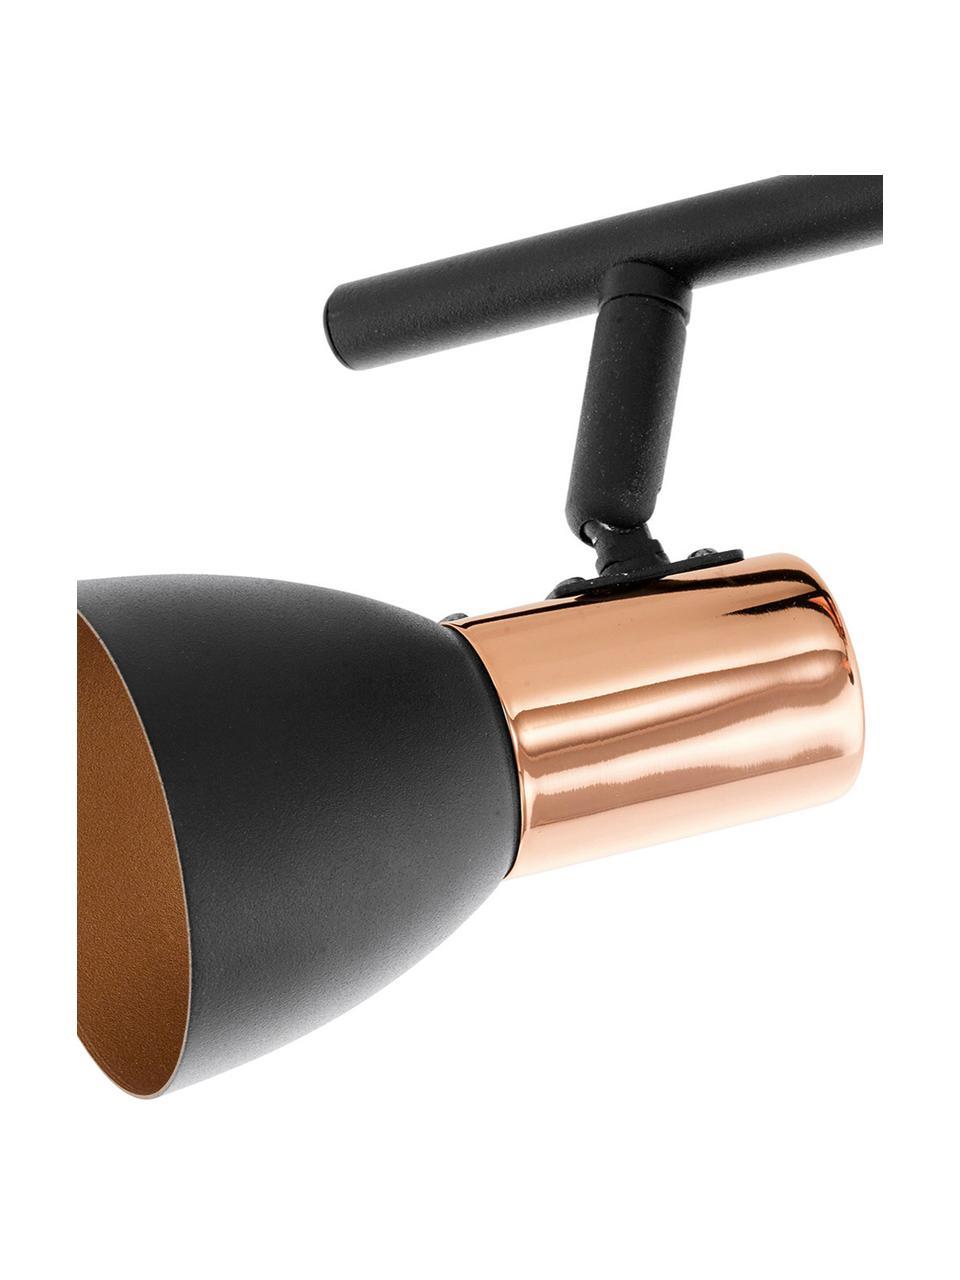 Faretti da soffitto color nero-rame Solaris, Paralume: acciaio verniciato, Montatura: nero, ramato Paralume esterno: nero, Larg. 40 cm